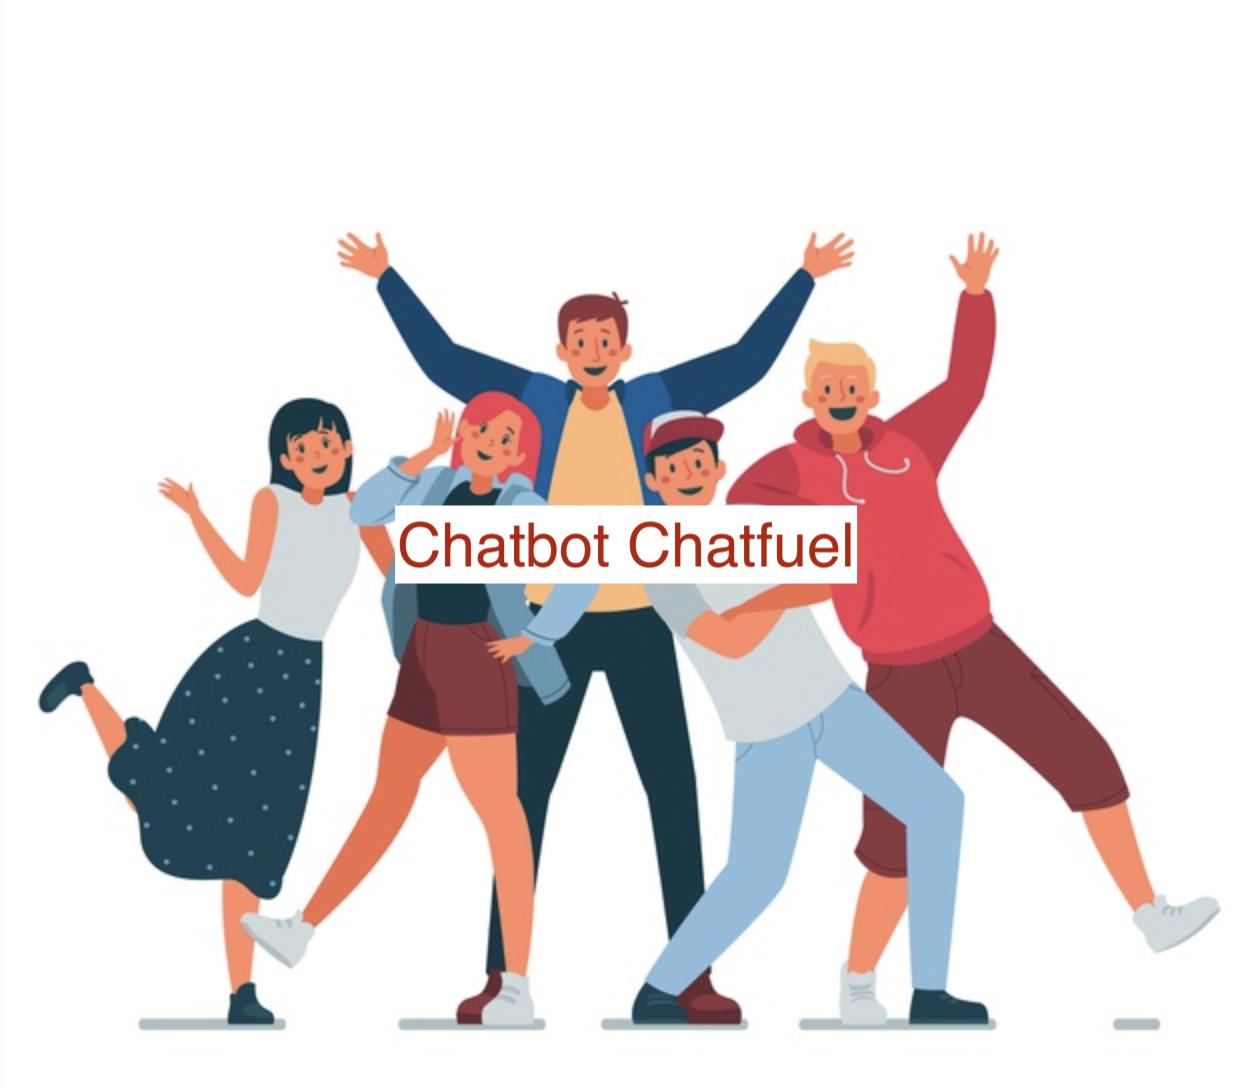 สร้าง-chatbot-ง่ายๆไม่ต้องเขียนโค๊ด-ด้วยchatfuel-การสร้างแบบทดสอบ-ตอนที่3